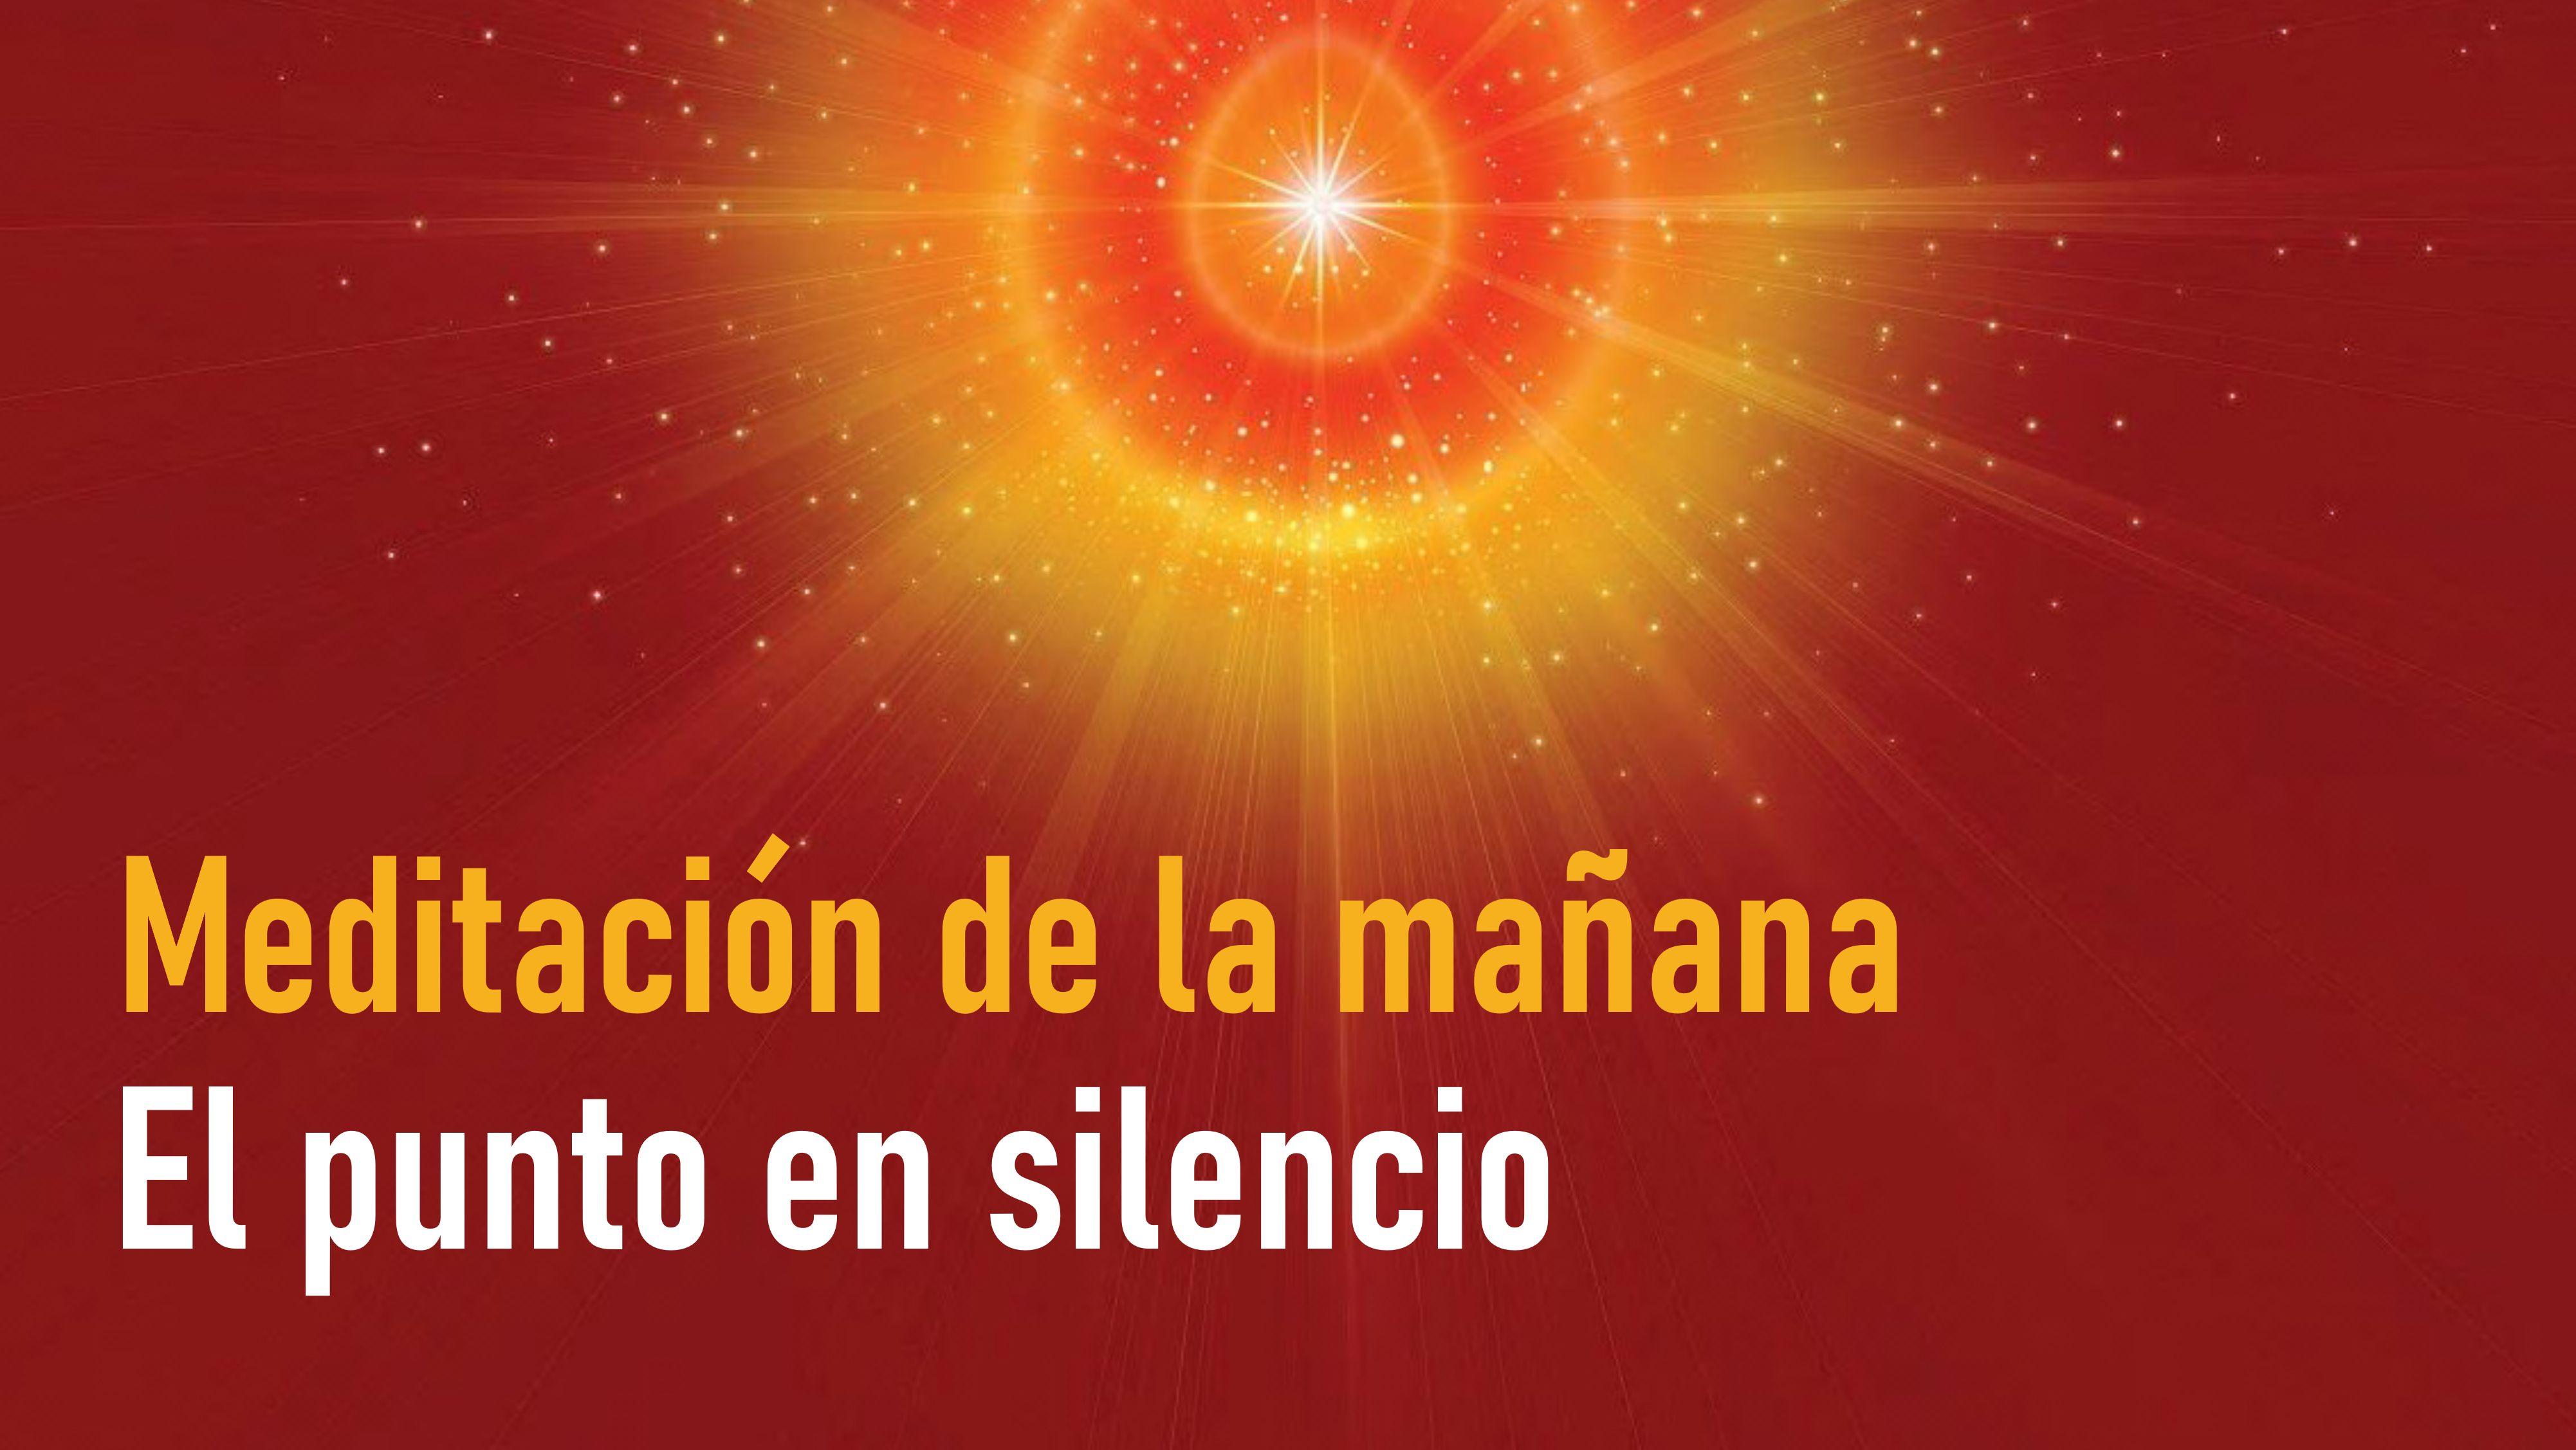 Meditación de la mañana: El punto en silencio (8 Septiembre 2020)